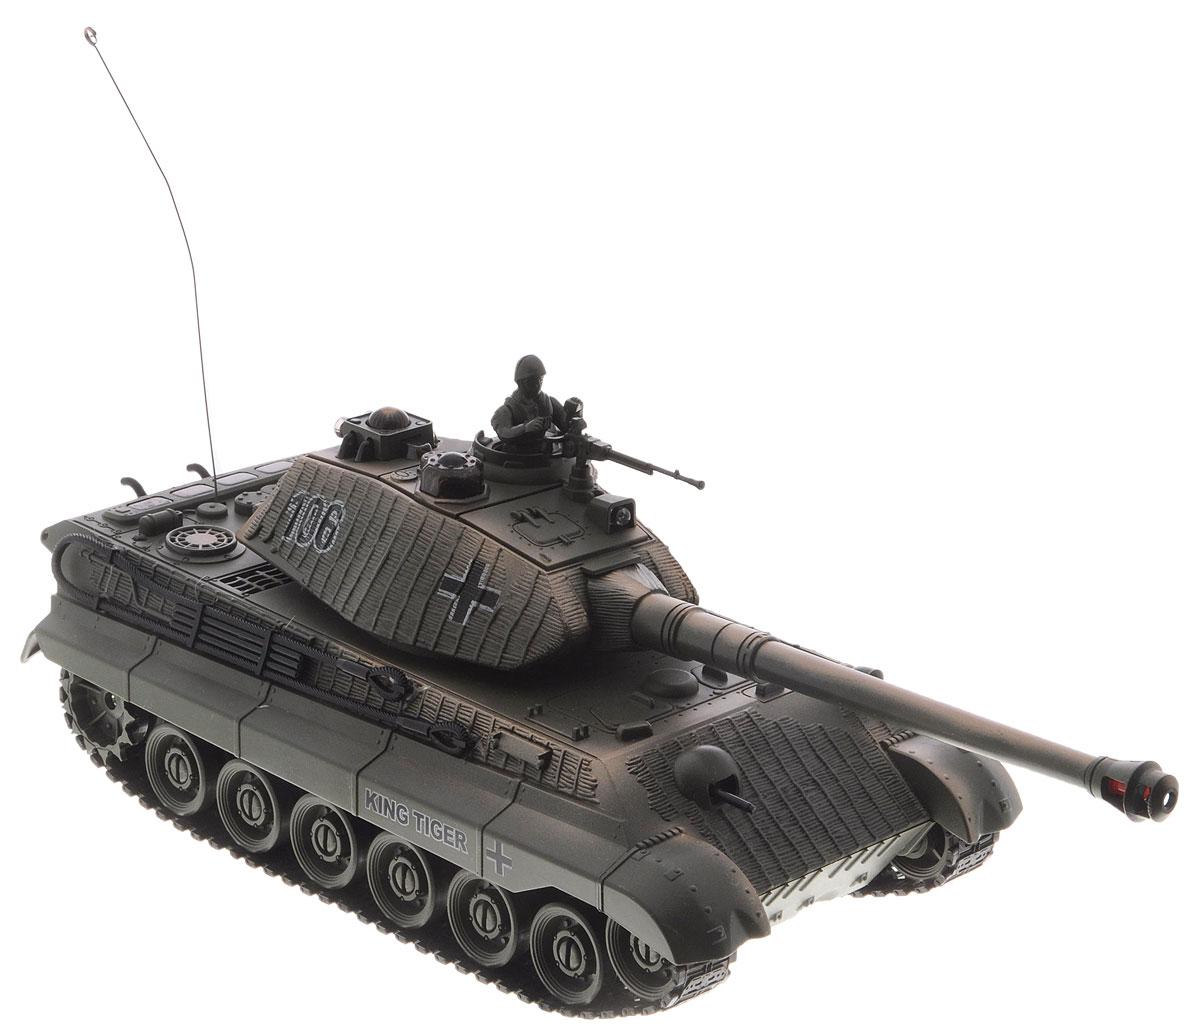 """Танк на радиоуправлении Balbi """"The King Tiger"""" понравится не только малышам, но и взрослым любителям военной техники. Игрушка, выполненная из безопасного и прочного пластика с элементами из металла, воспроизводит легендарную модель немецкого танка """"The King Tiger"""" в масштабе 1:28. Танк может двигаться вправо, влево, вперед и назад, а также разворачиваться на месте и преодолевать подъемы под углом 45 градусов. Угол вращения башни до 280 градусов, а ствол пушки перемещается вверх и вниз. На башне танка имеется световой индикатор жизней - вы можете устроить настоящее танковое сражение, при помощи инфракрасного наведения целясь в башню вражеского танка. После попадания на боевой машине гаснет один индикатор жизни. Бой заканчивается, когда на одном из танков гаснут все индикаторы жизни. Танковый бой возможен при наличии у вас минимум двух боевых танков. В танковом бое могут участвовать до четырех танков. Танк оснащен звуковыми эффектами: во время сражения раздаются реалистичные звуки..."""